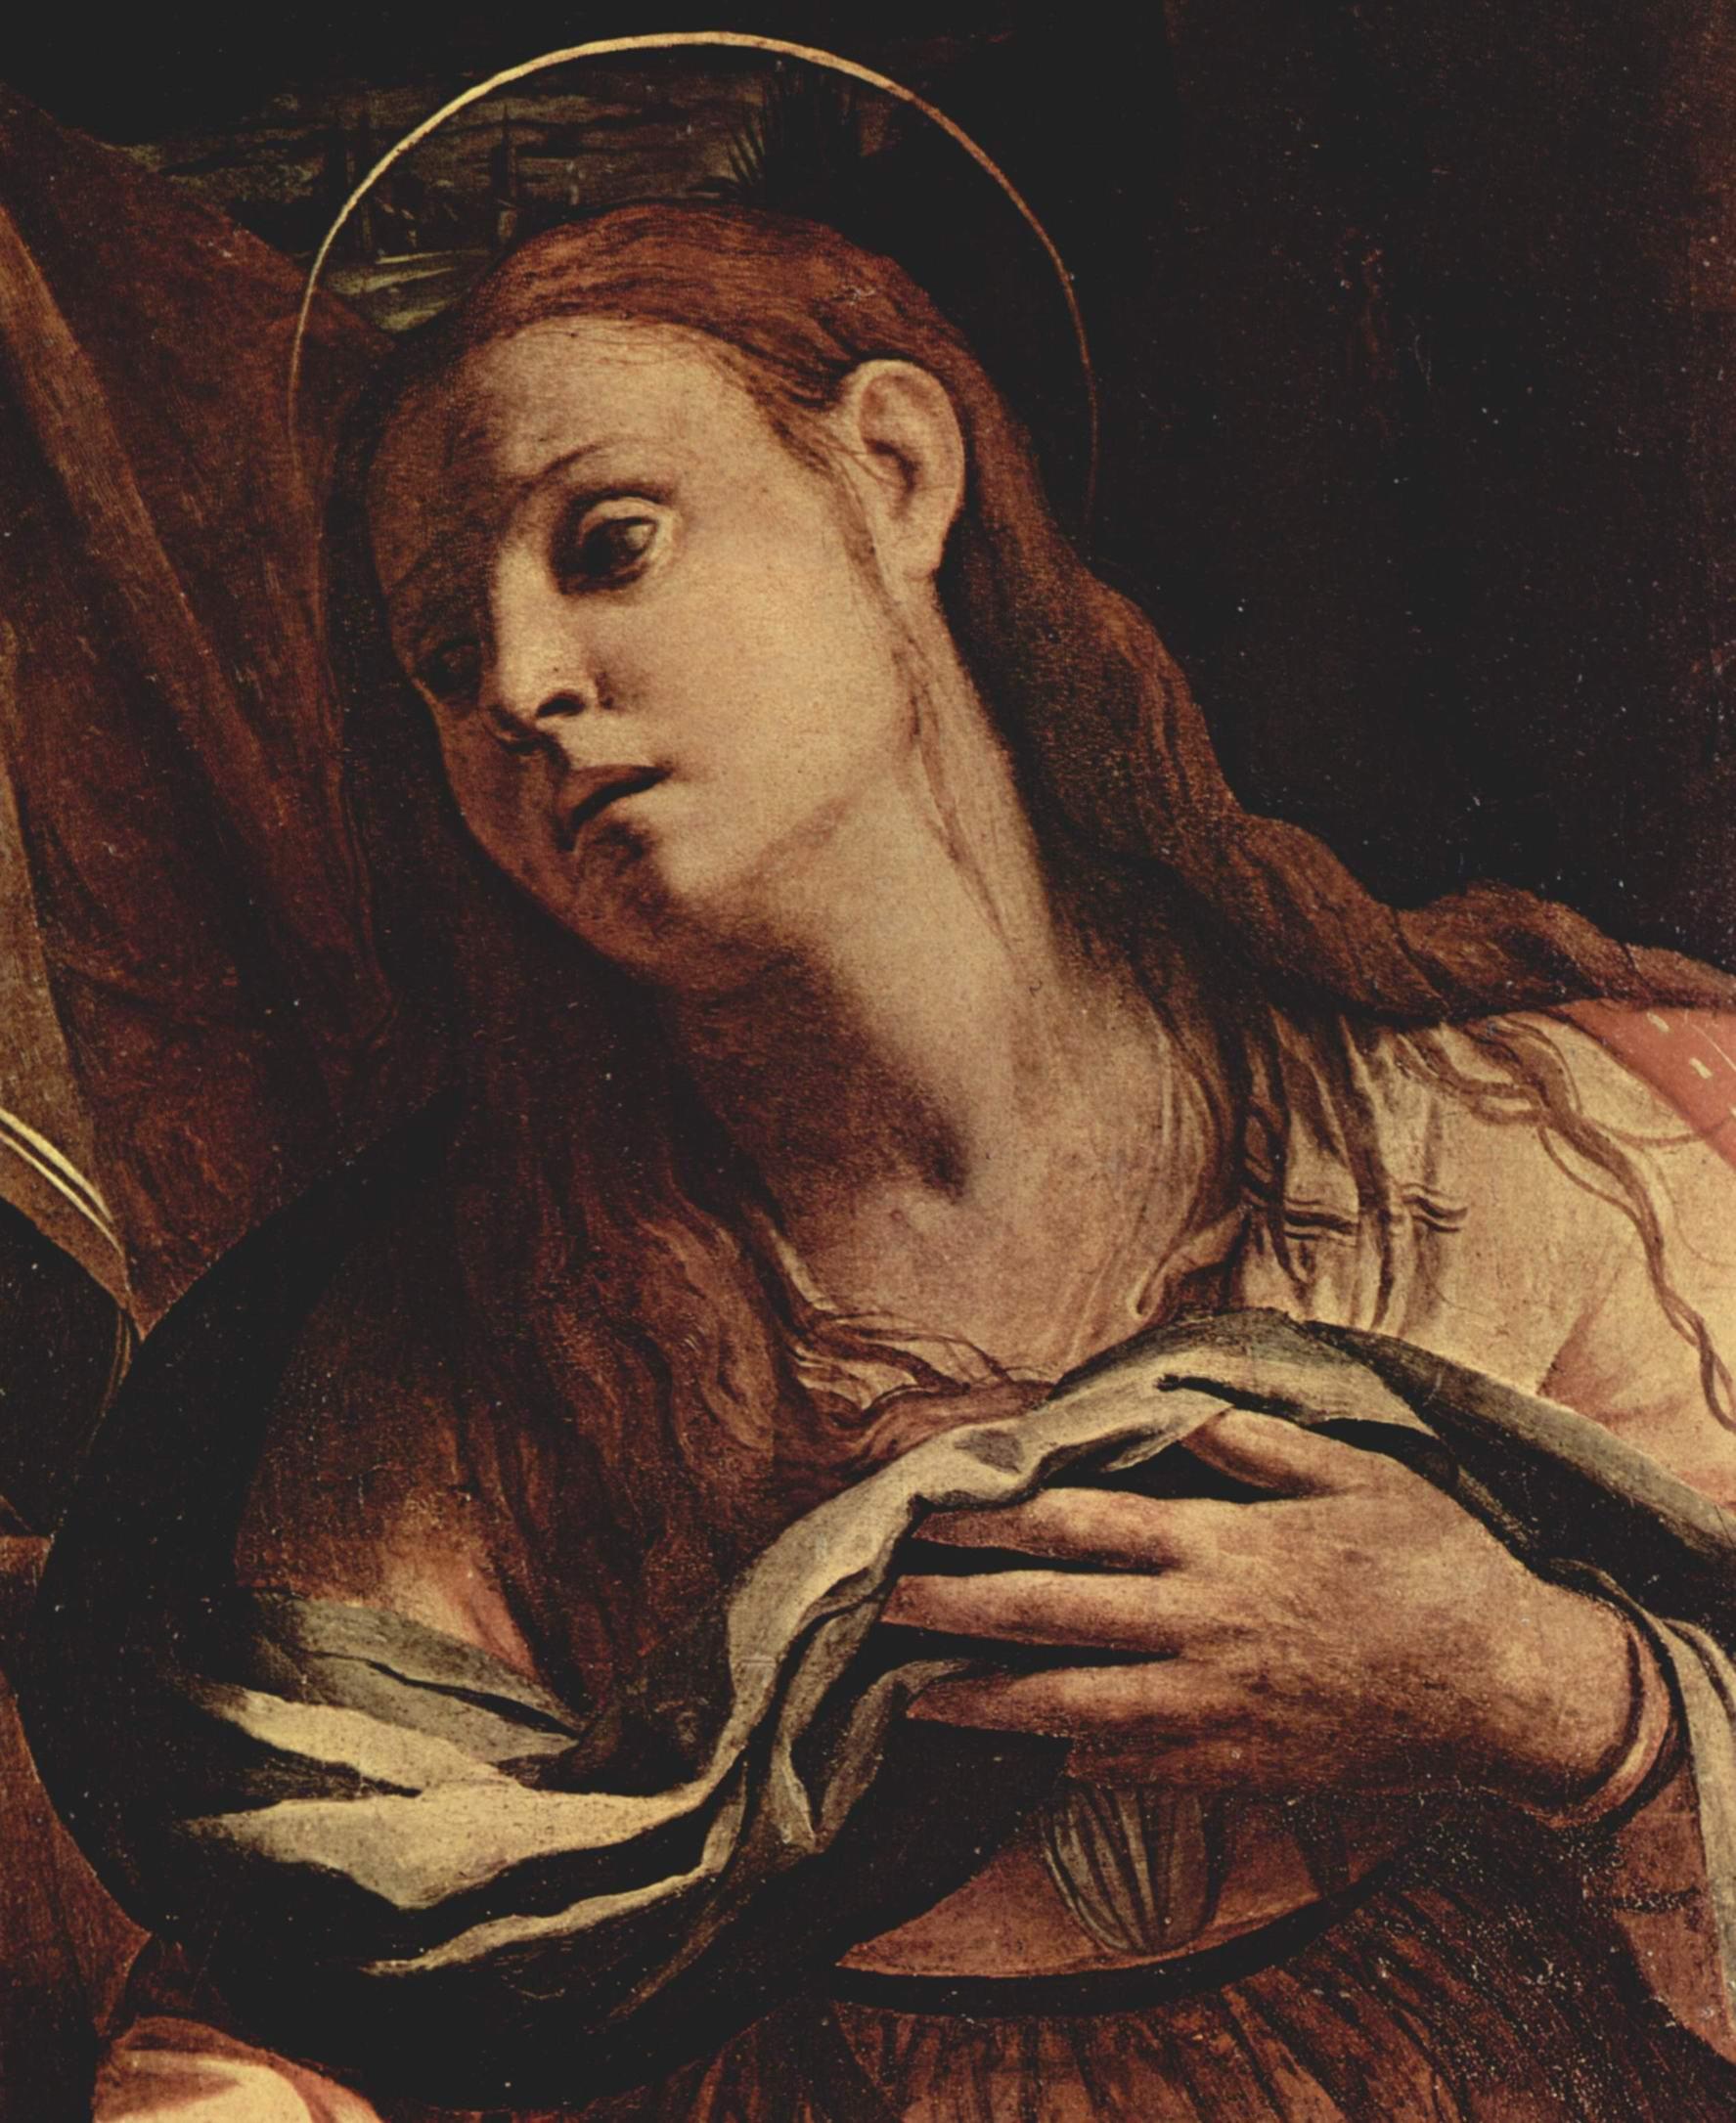 Пьета или Оплакивание, Умерший Христос, Мария и Мария Магдалина. Деталь  Мария Магдалина, Бронзино Аньоло